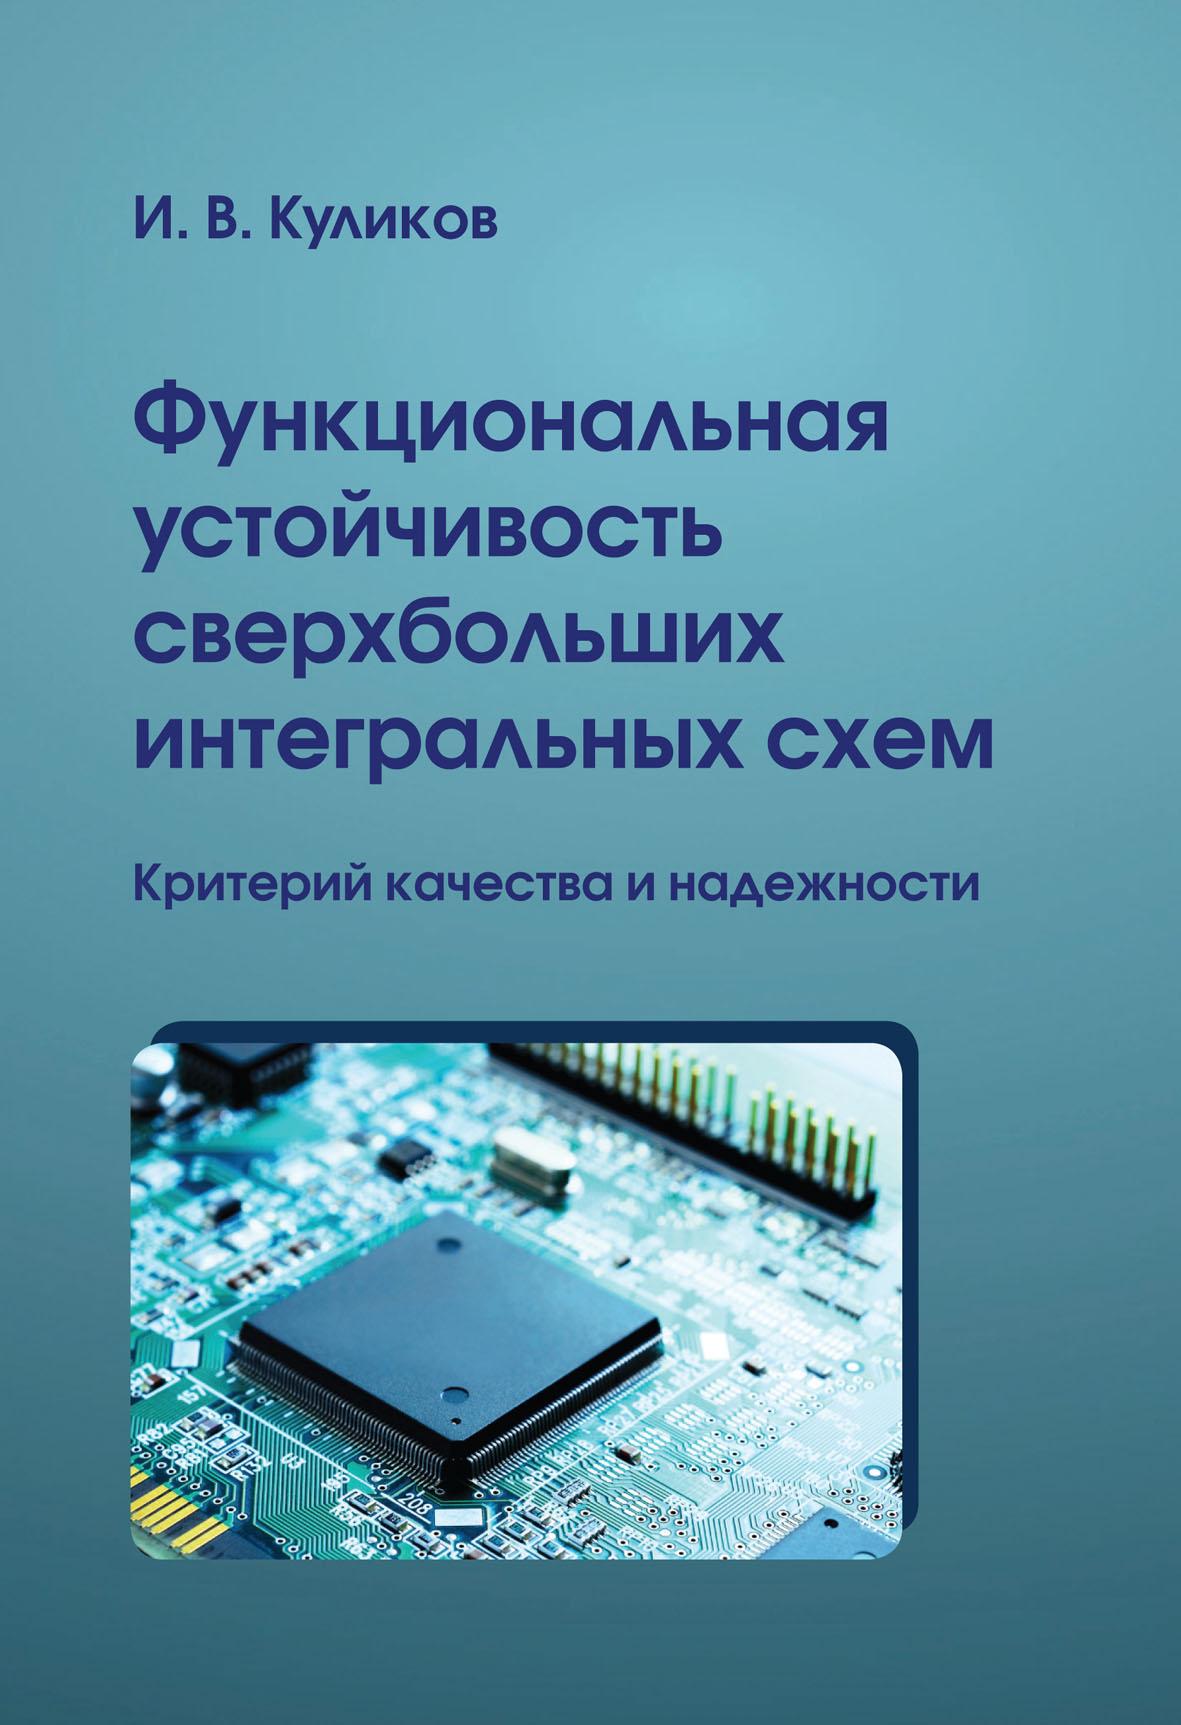 Куликов И. В. Функциональная устойчивость сверхбольших интегральных схем: Критерий качества и надёжности